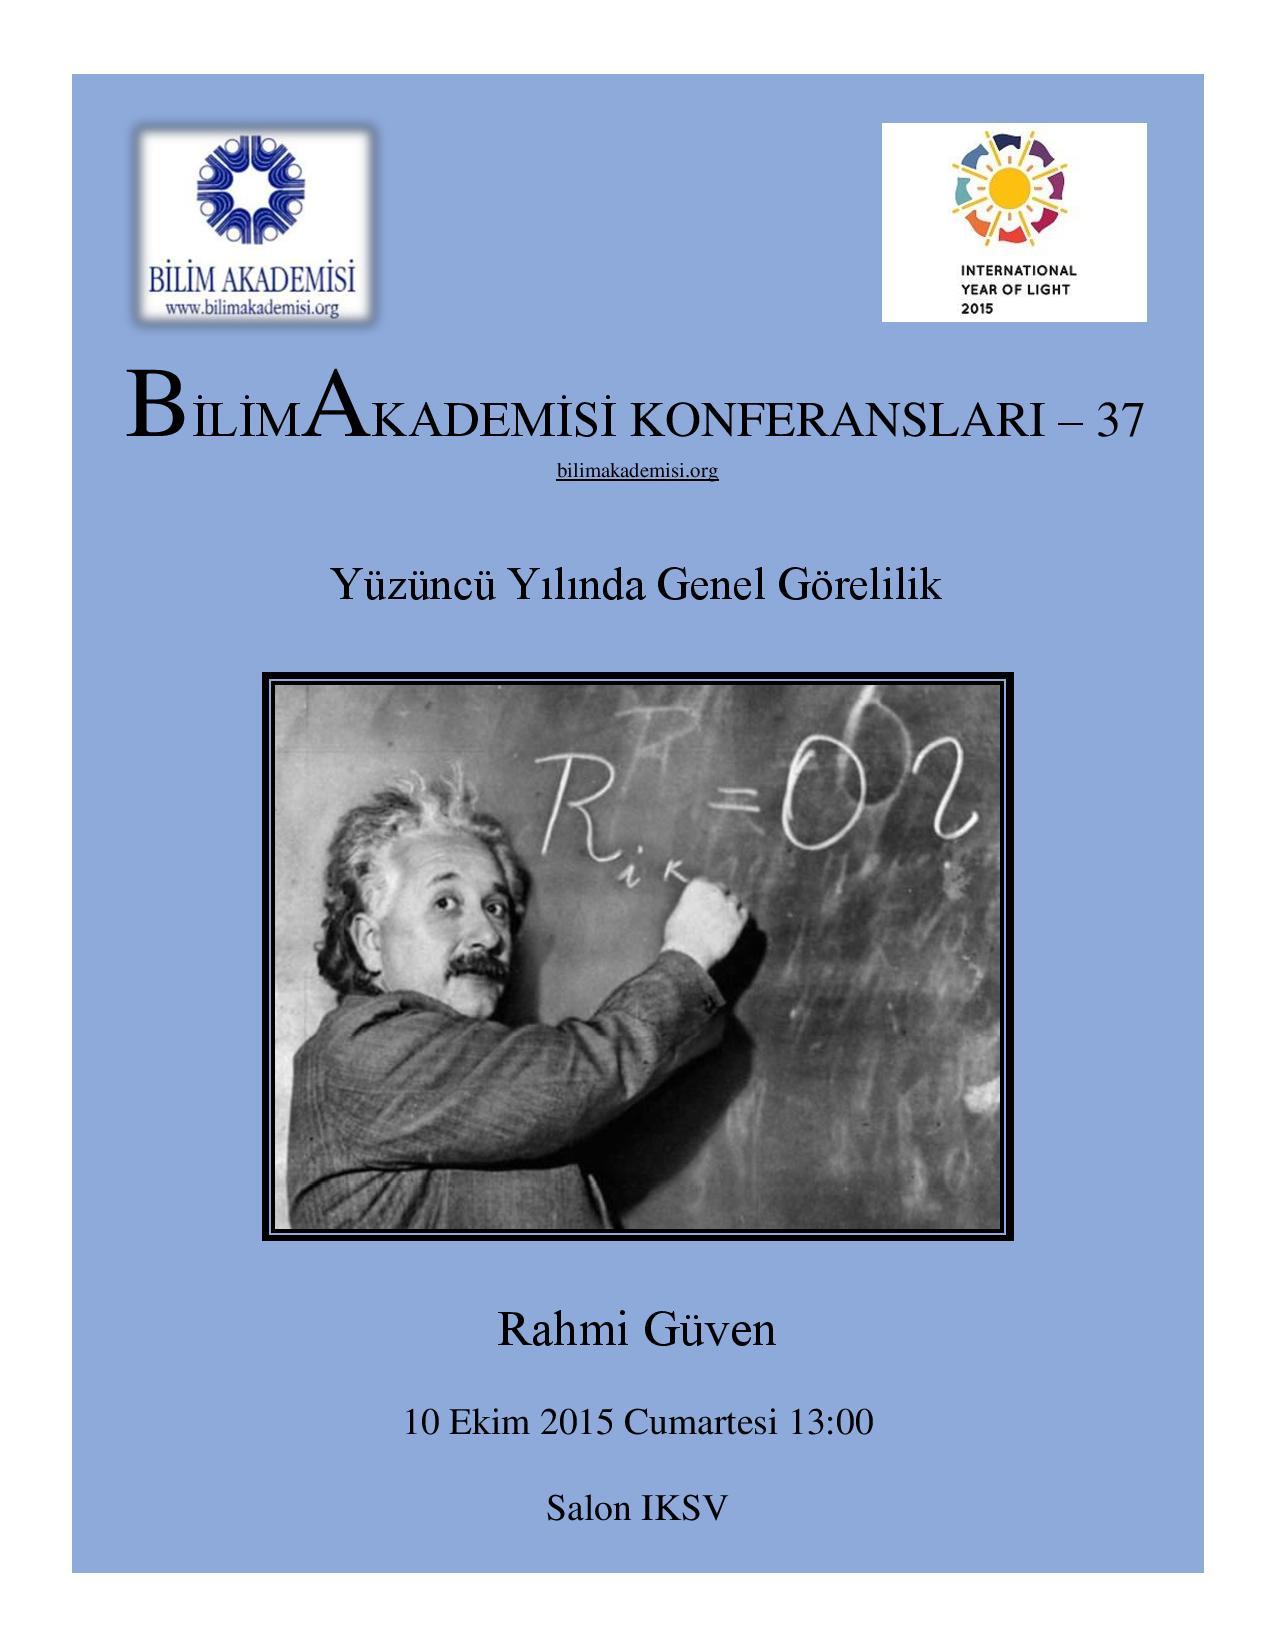 Yüzüncü Yılında Genel Görelilik - Konuşmacı : Rahmi Güven